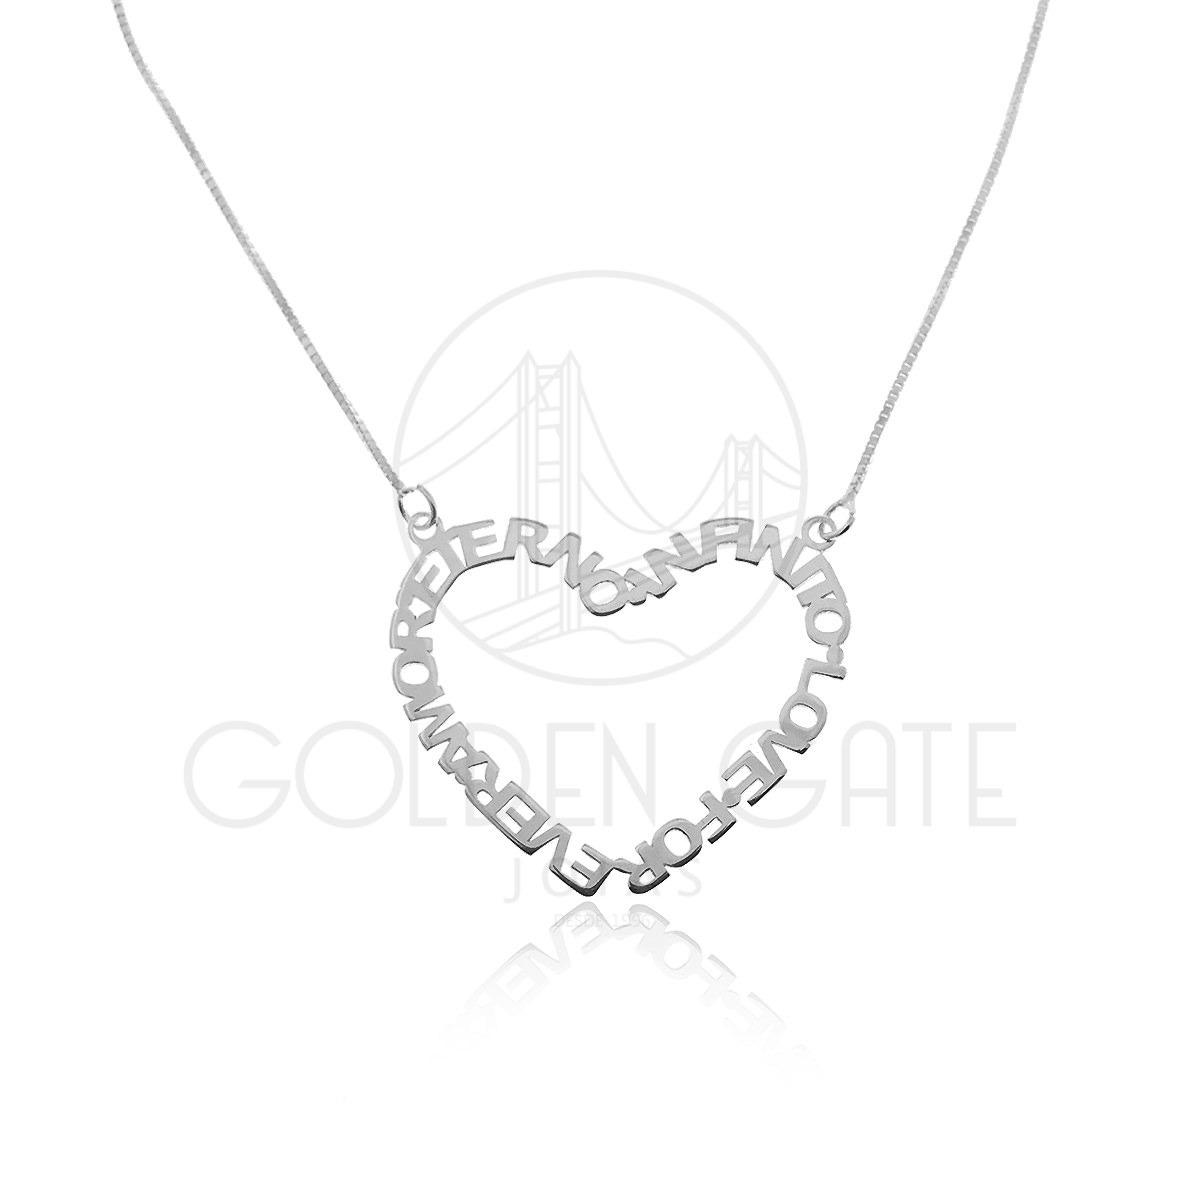 a6898f84af2 Colar Com Pingente Coração Escrito Infinito Em Prata 925 - R  51